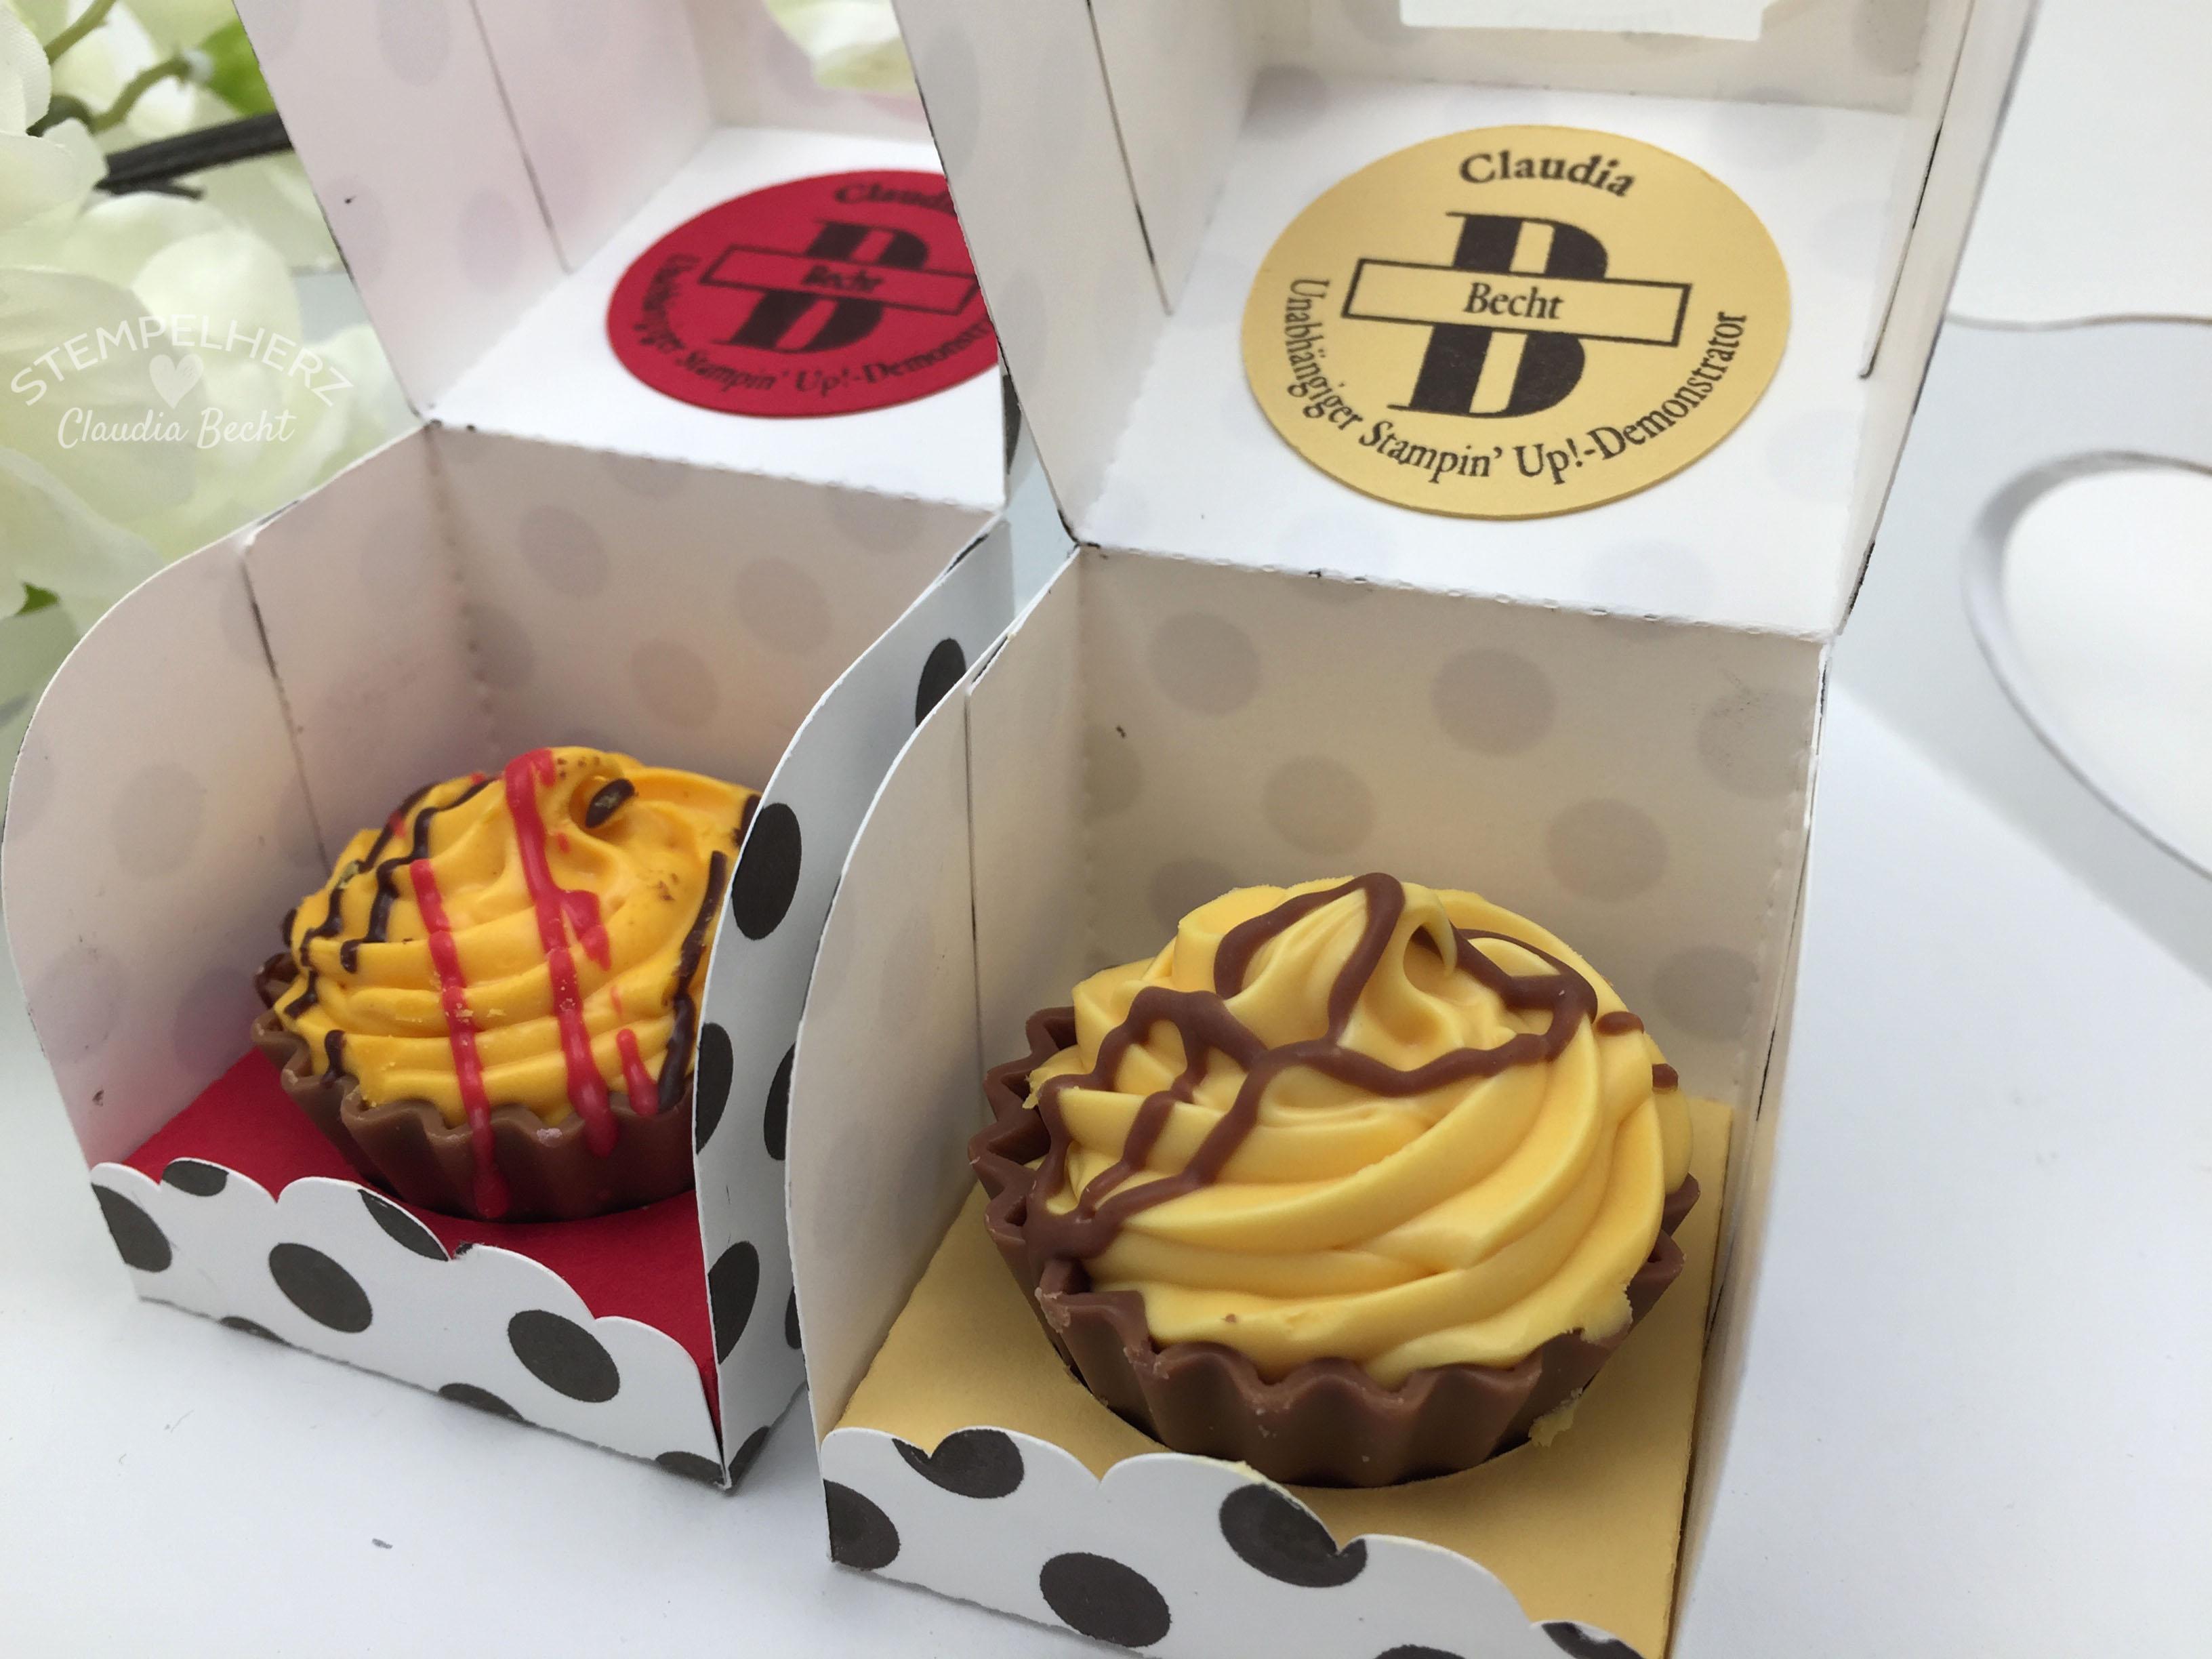 Stampin Up-Stempelherz-Verpackung-Box-Cupcakeverpackung-Cupcake-Hausgemachte Leckerbissen-Pralinenschachtel-Cupcakepralinen-Verpackung 07